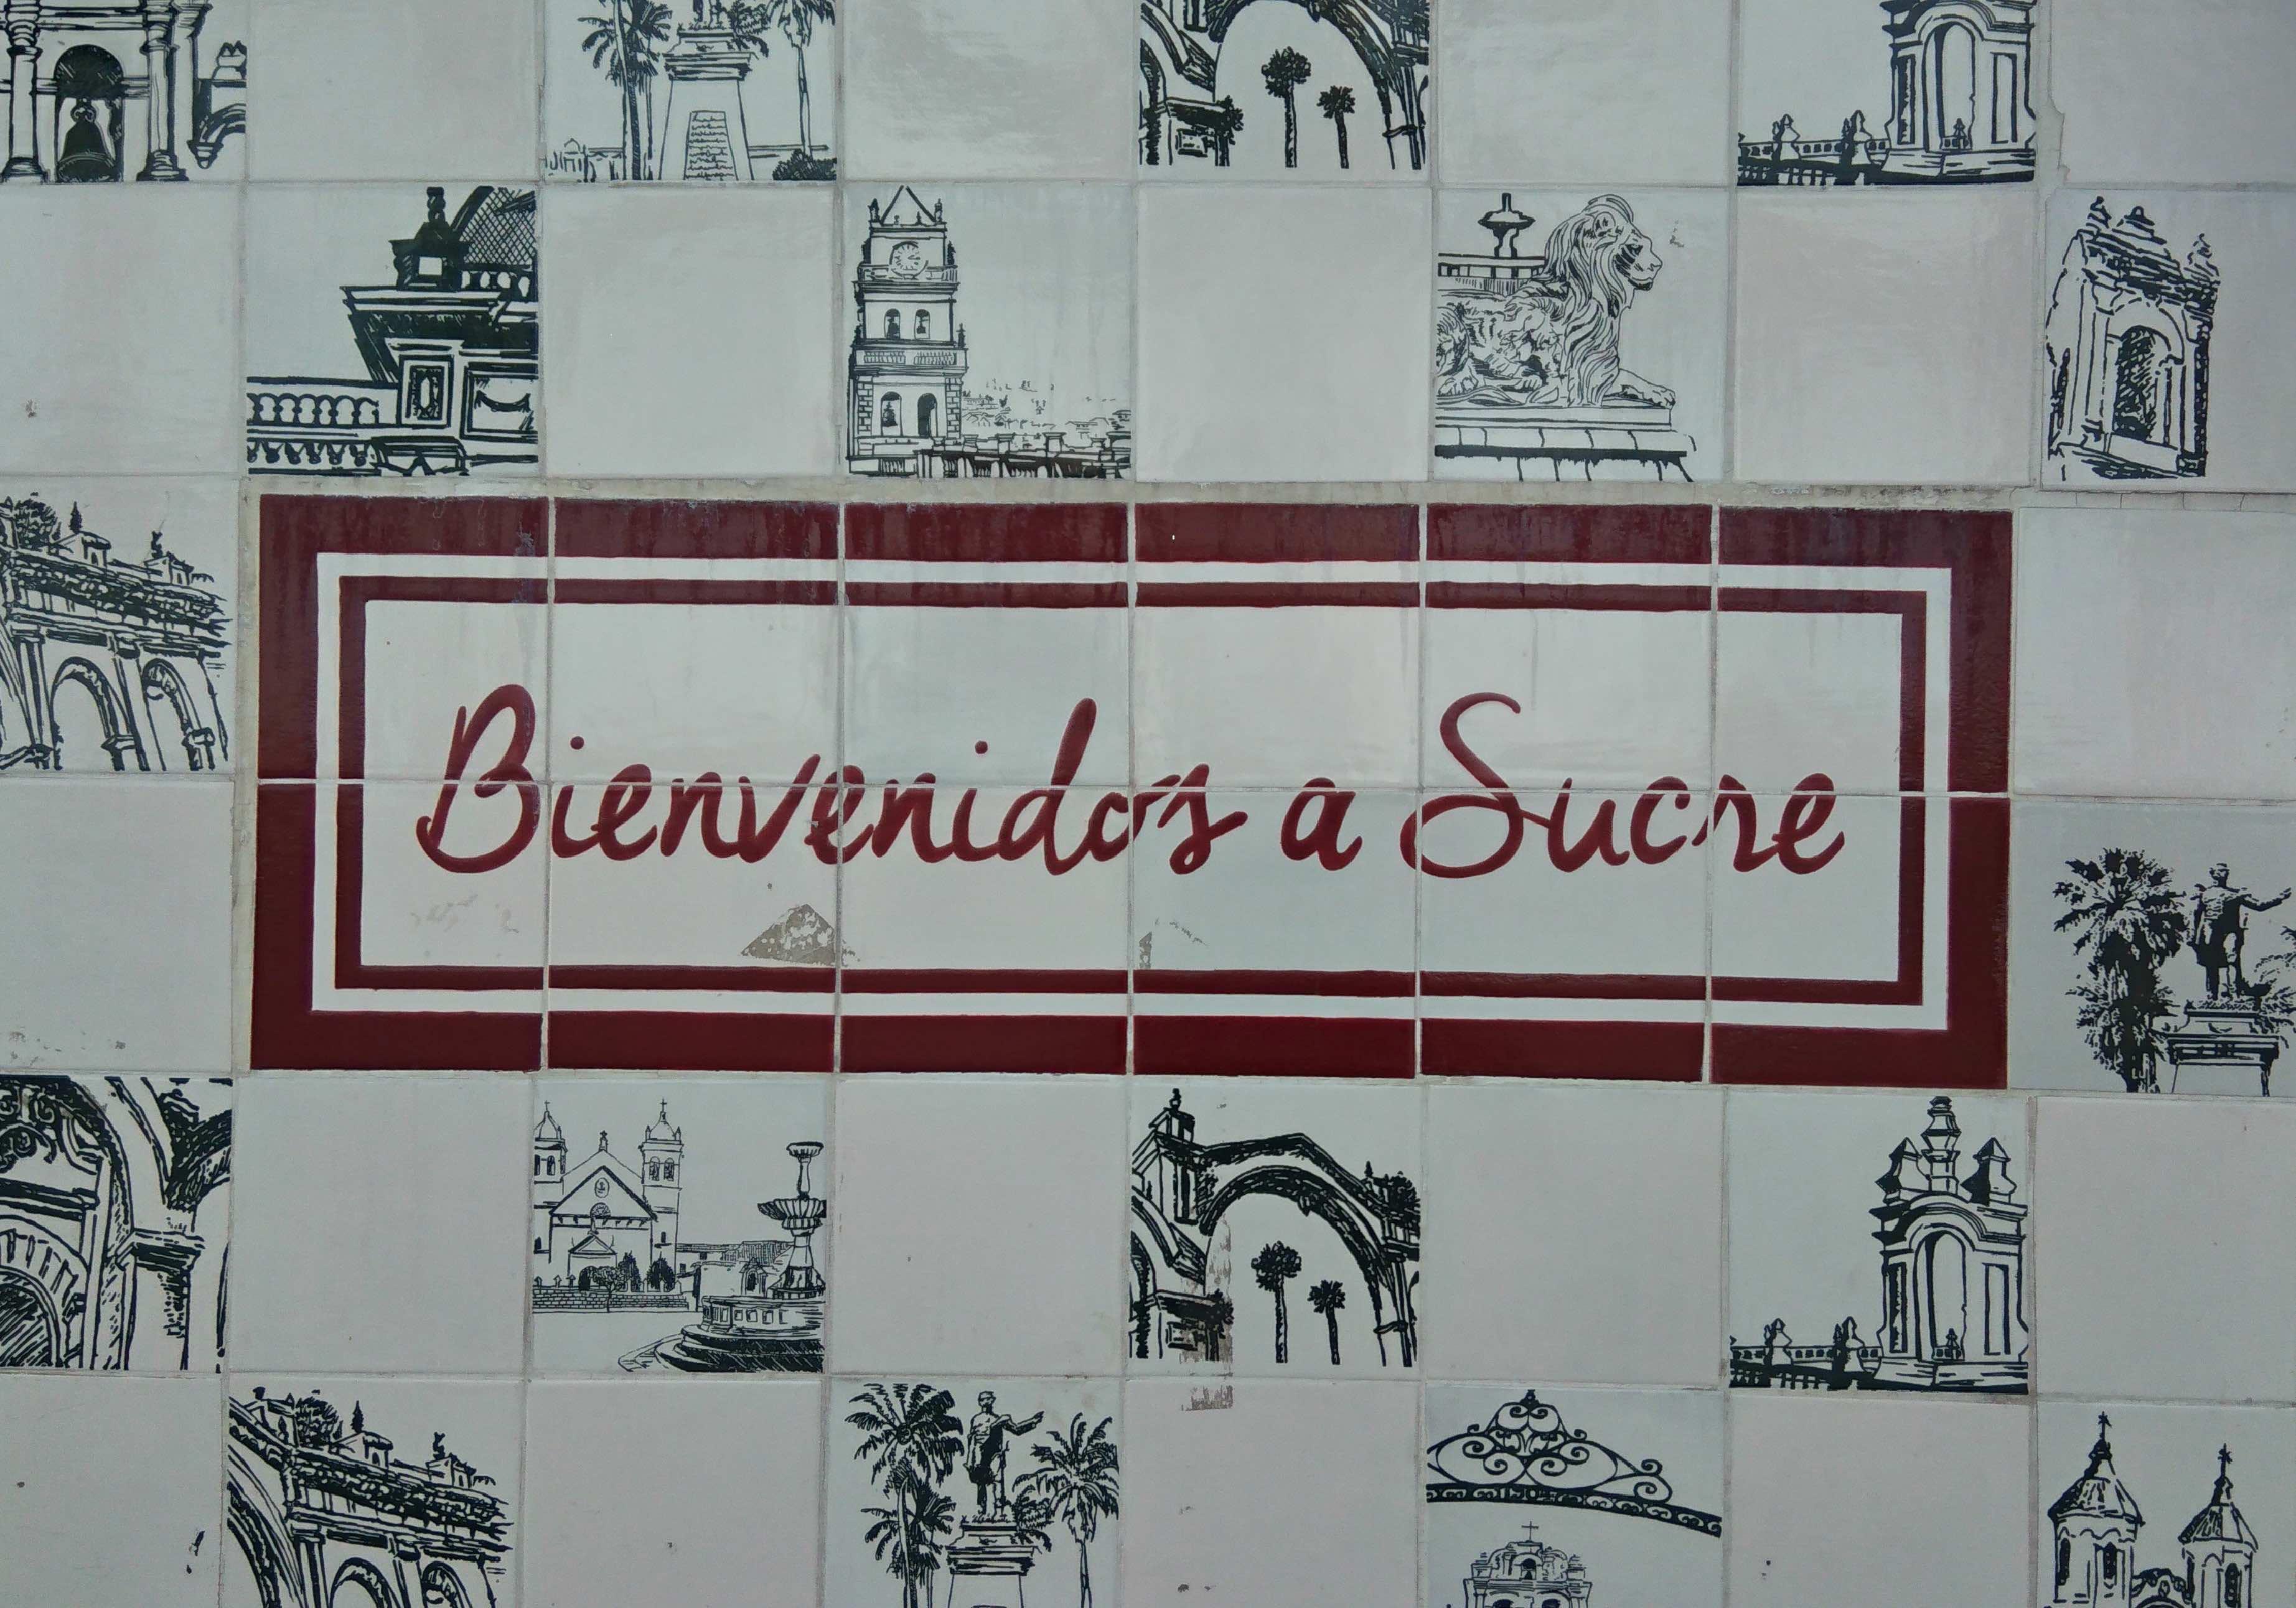 010 2510 Sucre 33jpeg